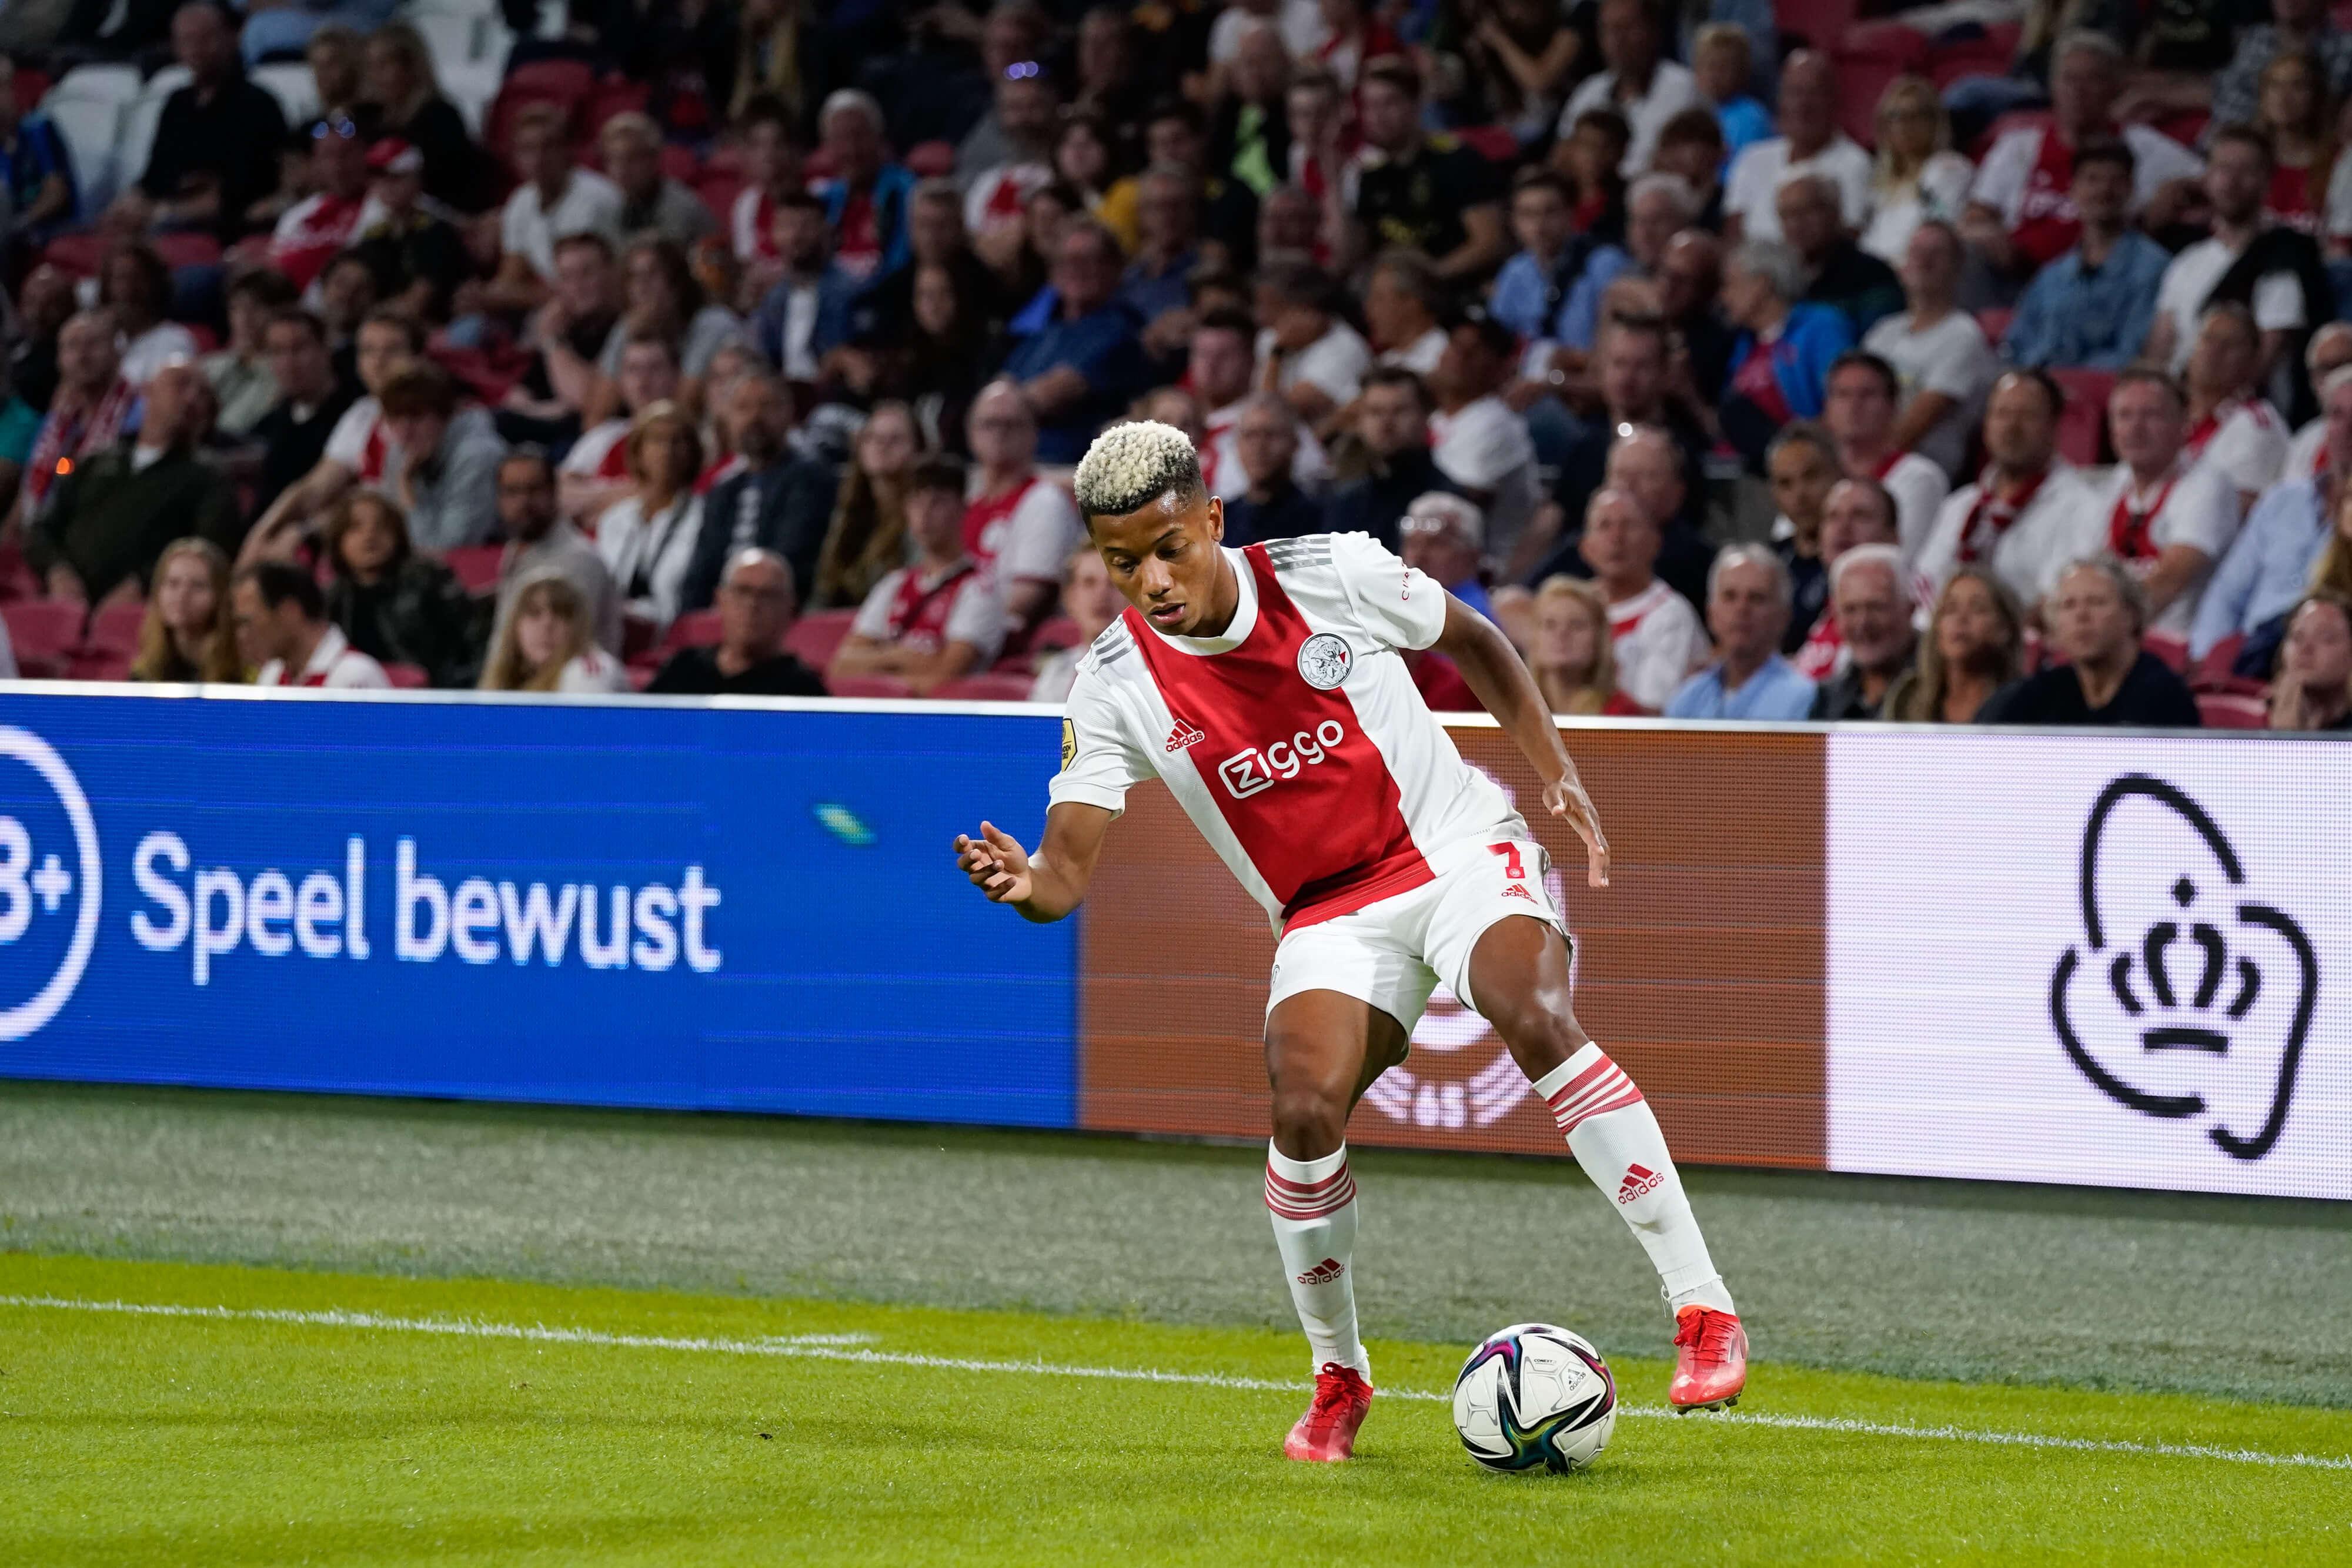 """""""David Neres blijft bij Ajax, clubs willen niet voldoen aan vraagprijs""""; image source: Pro Shots"""